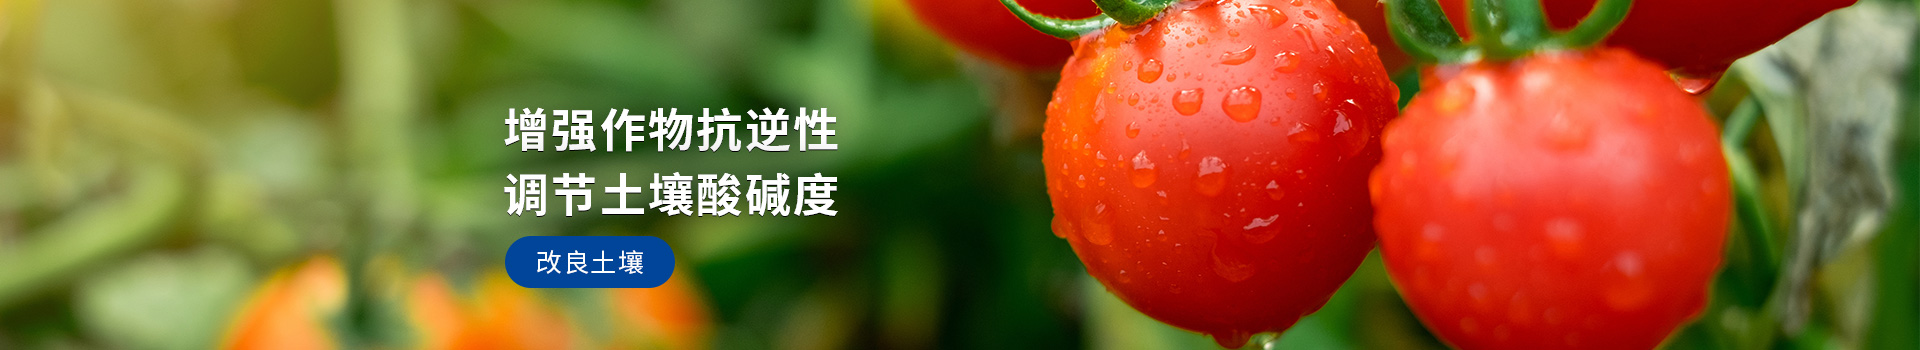 大量元素水溶肥,增强作物抗逆性,调节土壤酸碱性